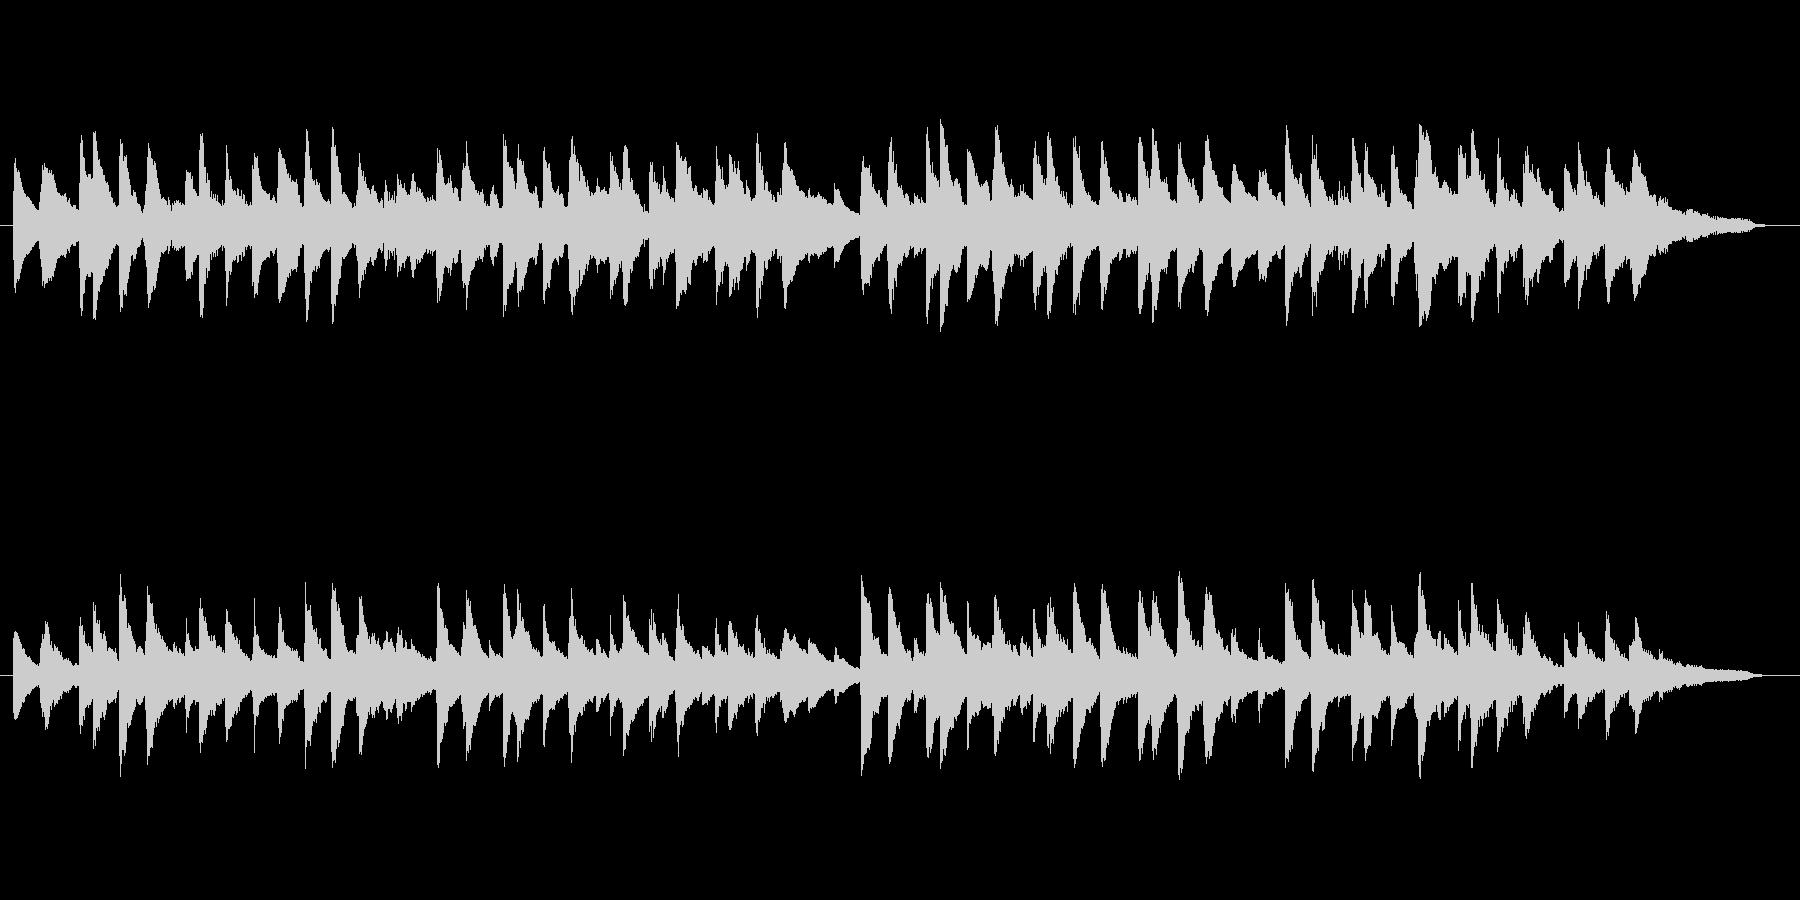 蛍の光 ピアノアレンジの未再生の波形